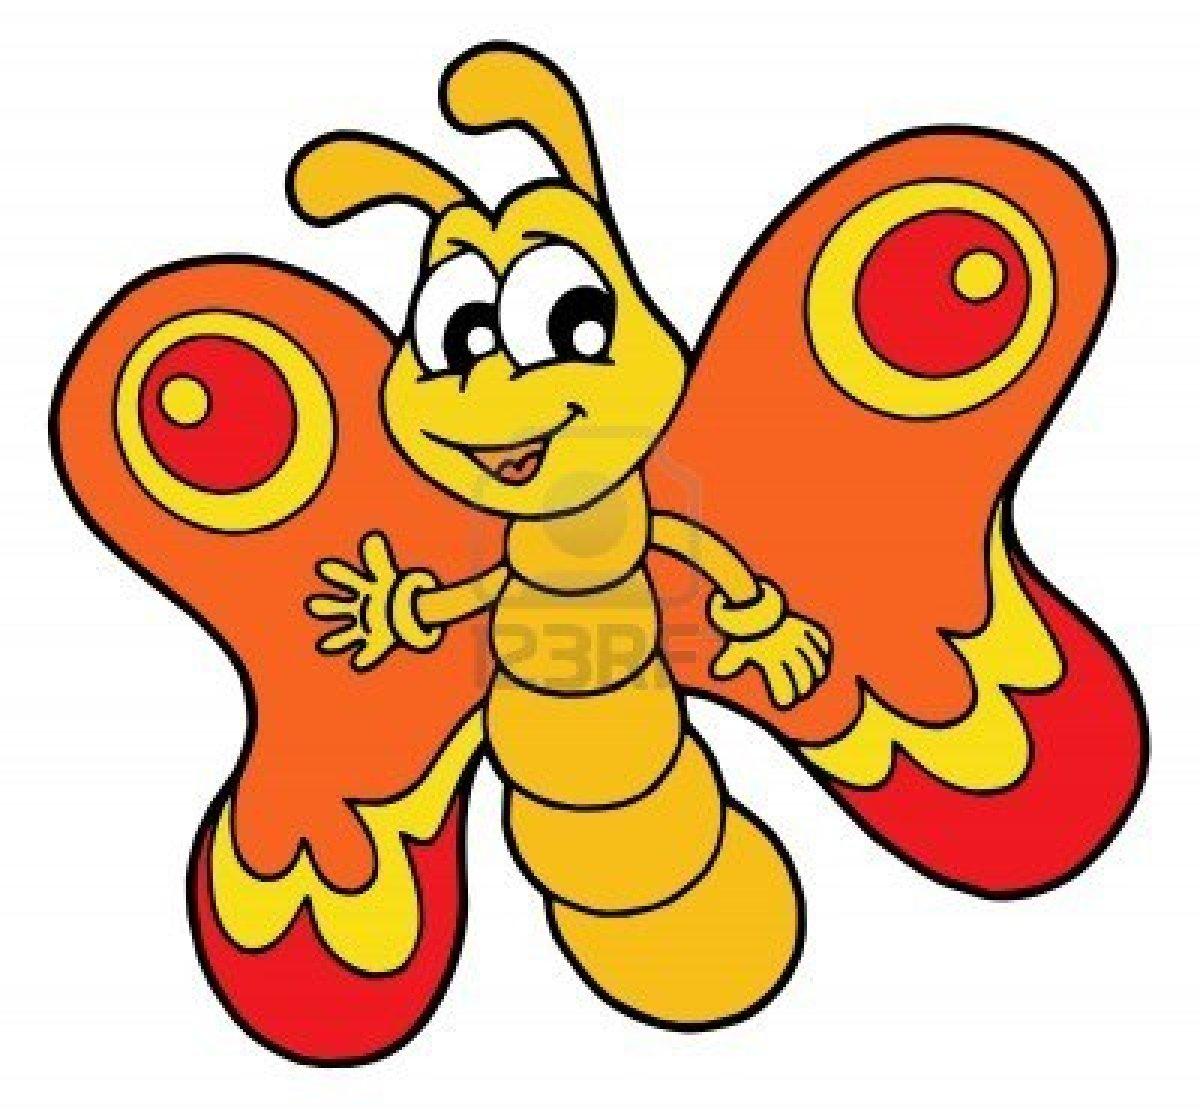 Exceptionnel en couleurs à imprimer : Animaux - Insectes - Papillon numéro 165866 ES38